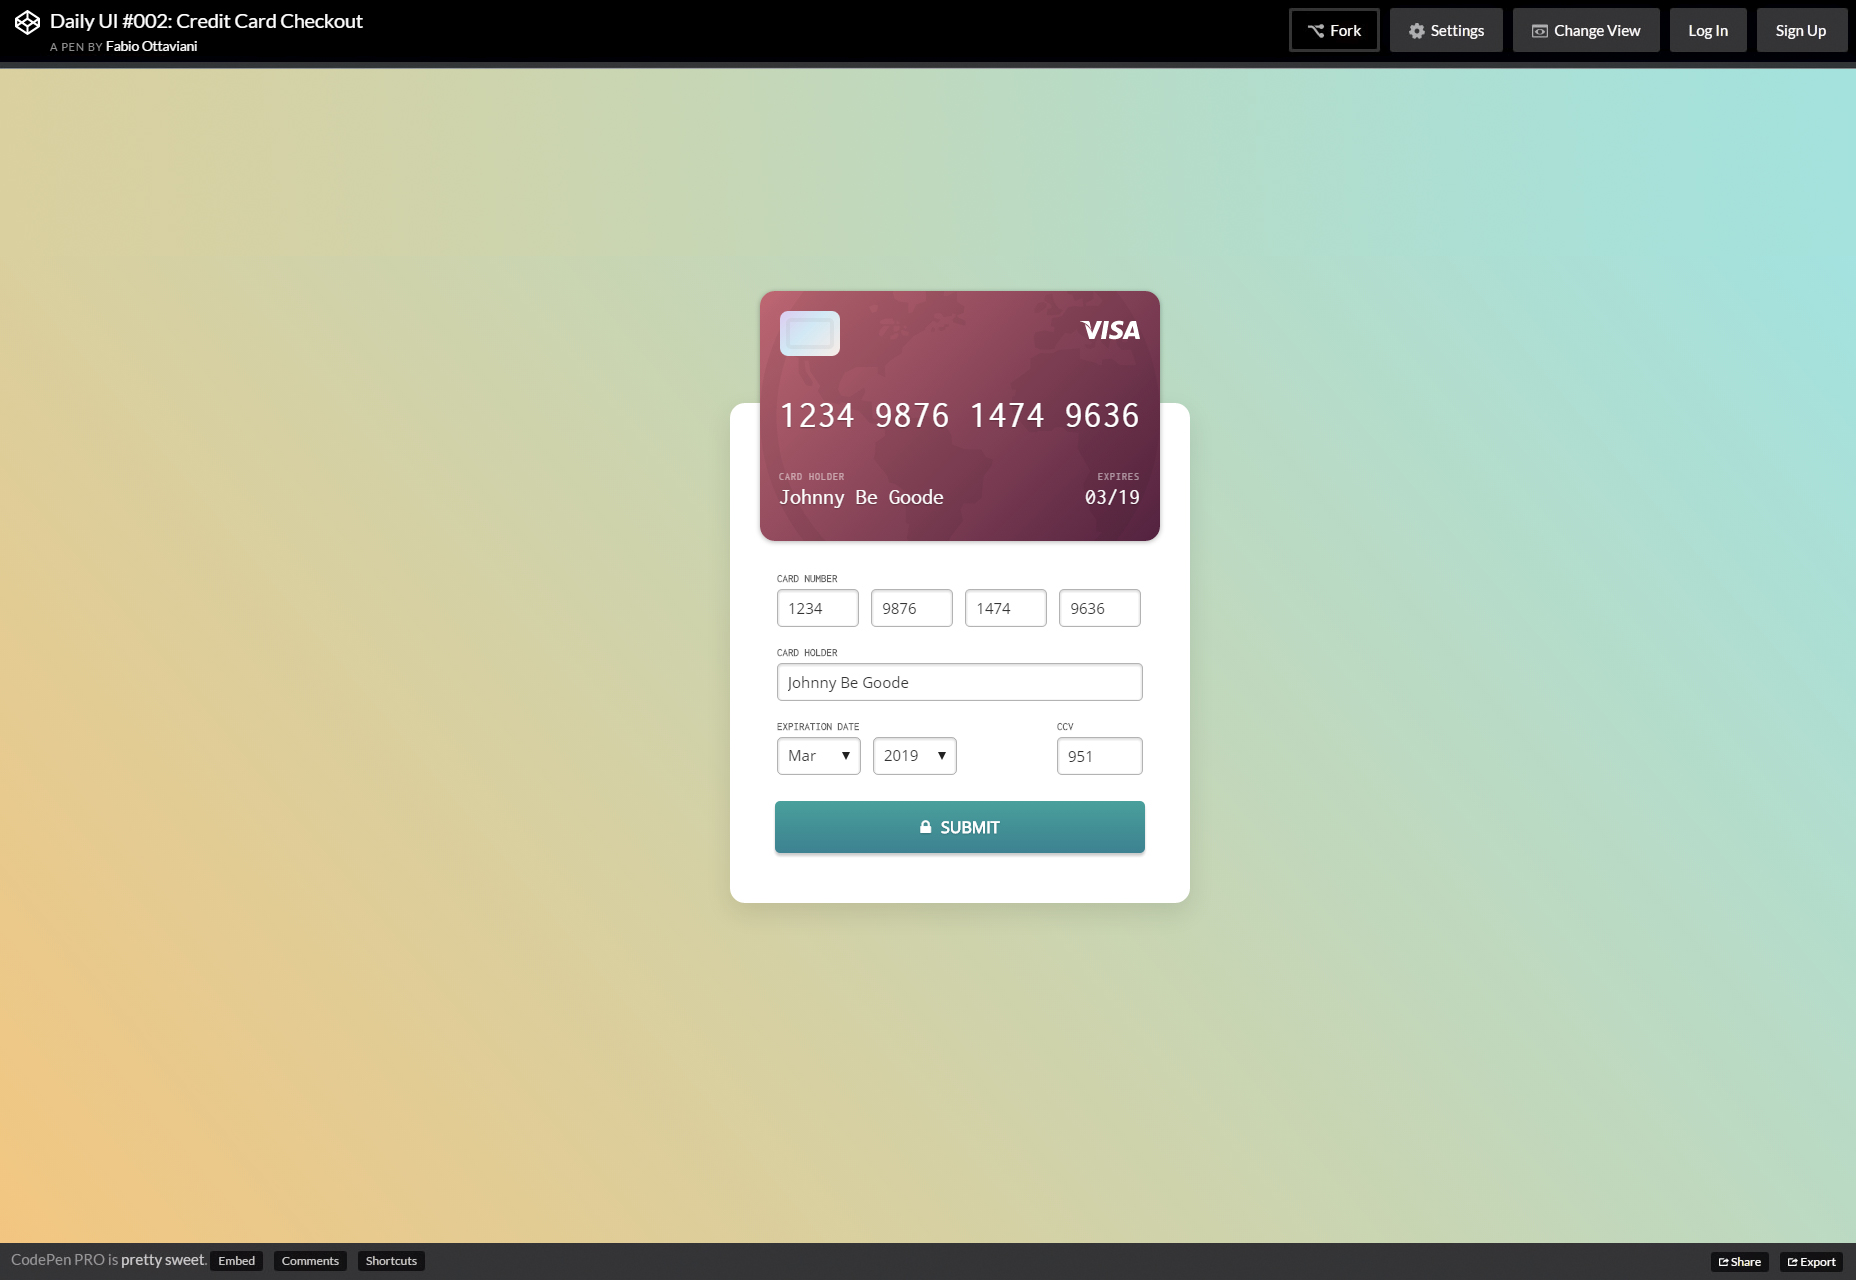 Formulář pro kontrolu plateb kreditní karty Live